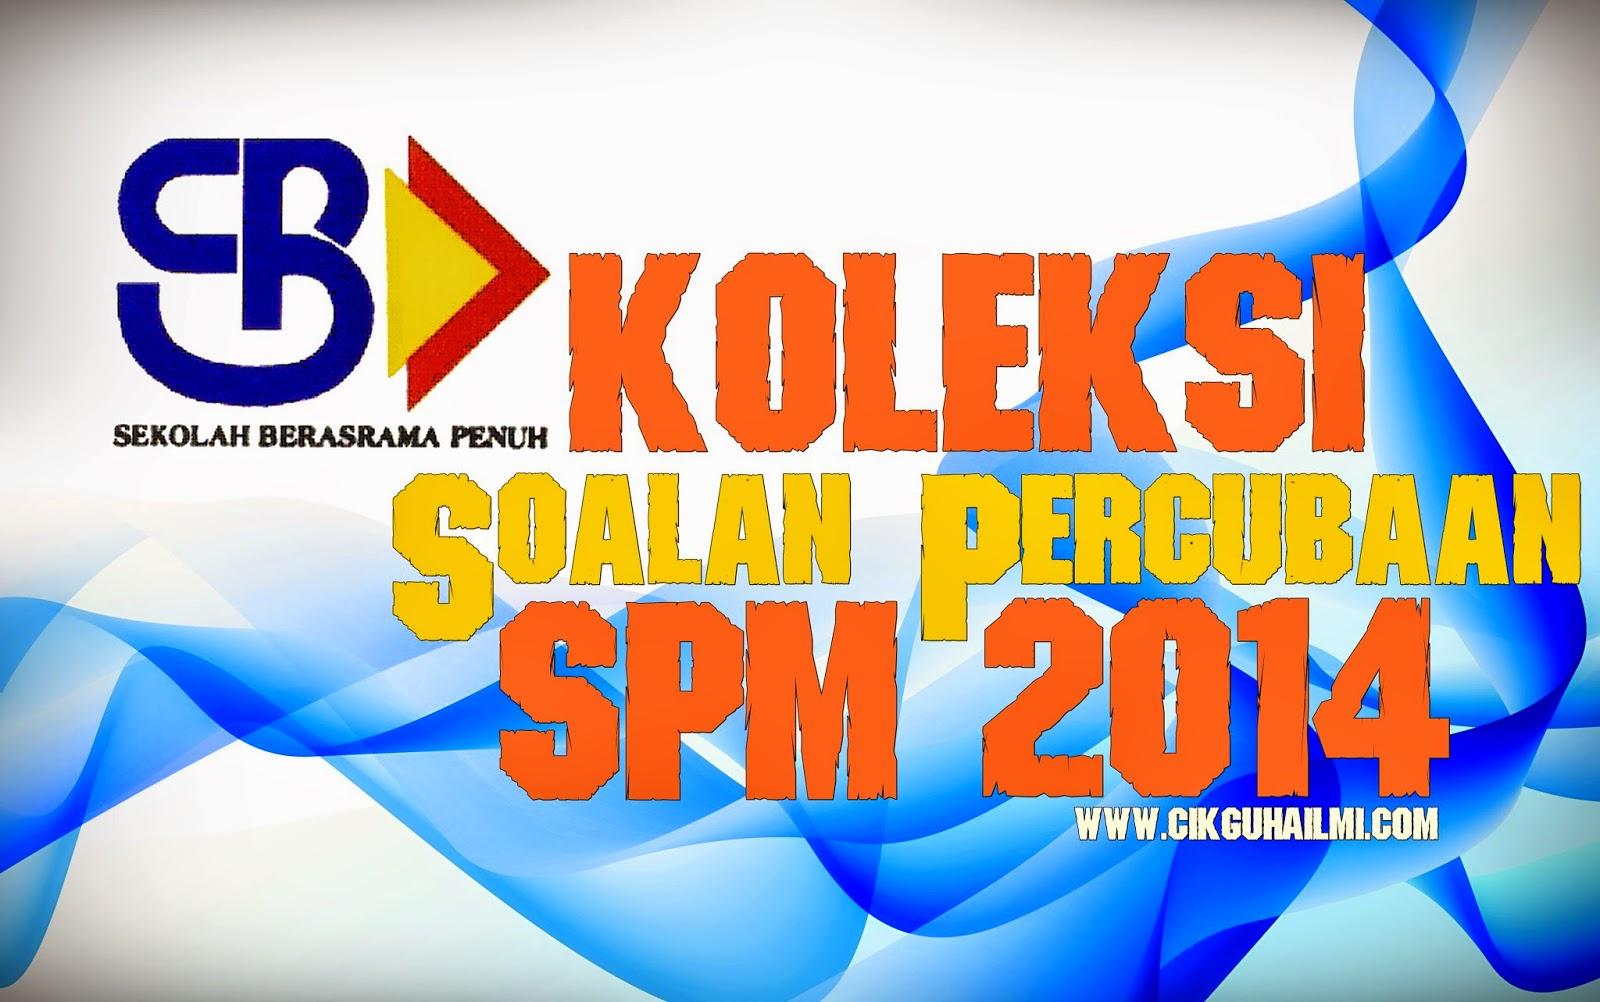 Koleksi Soalan Percubaan SPM 2014 SBP (Sekolah Berasrama Penuh)